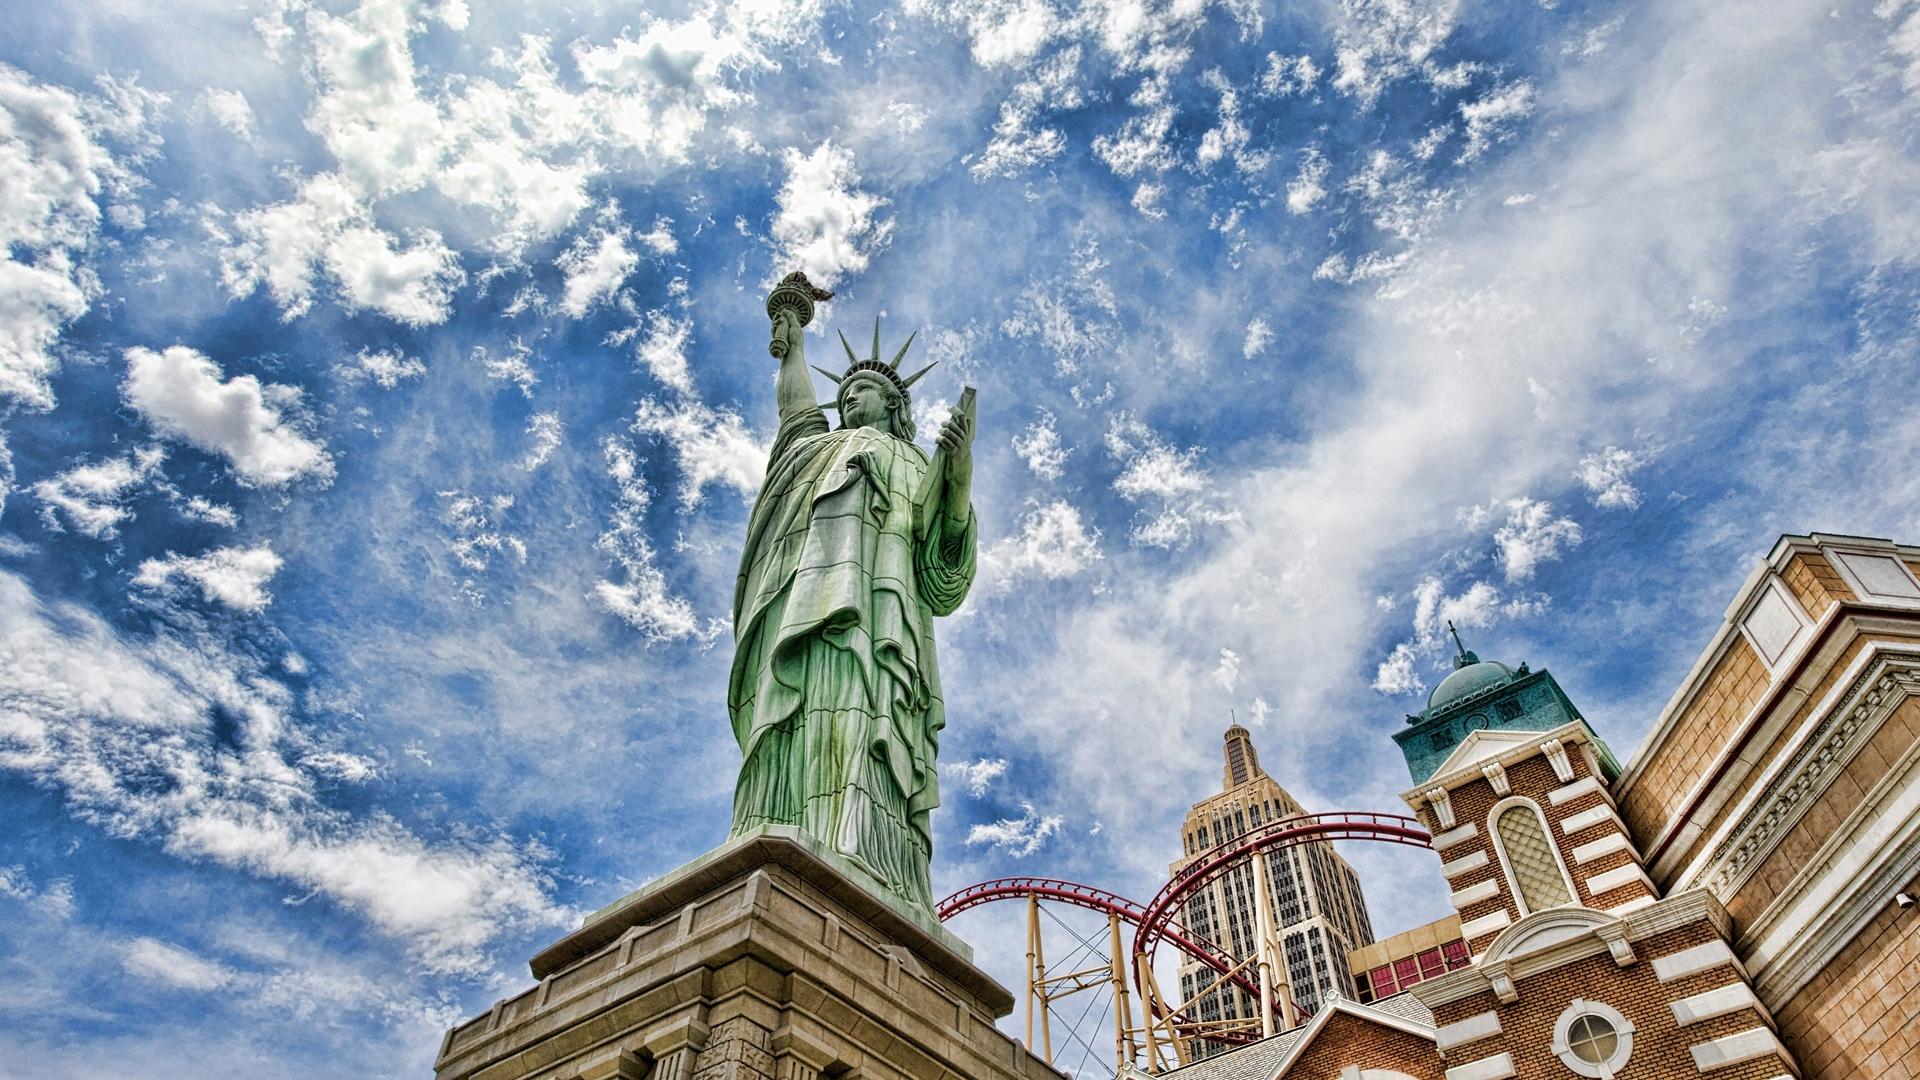 Туристам в Нью-Йорке больше нельзя покупать частные туры к Статуе Свободы